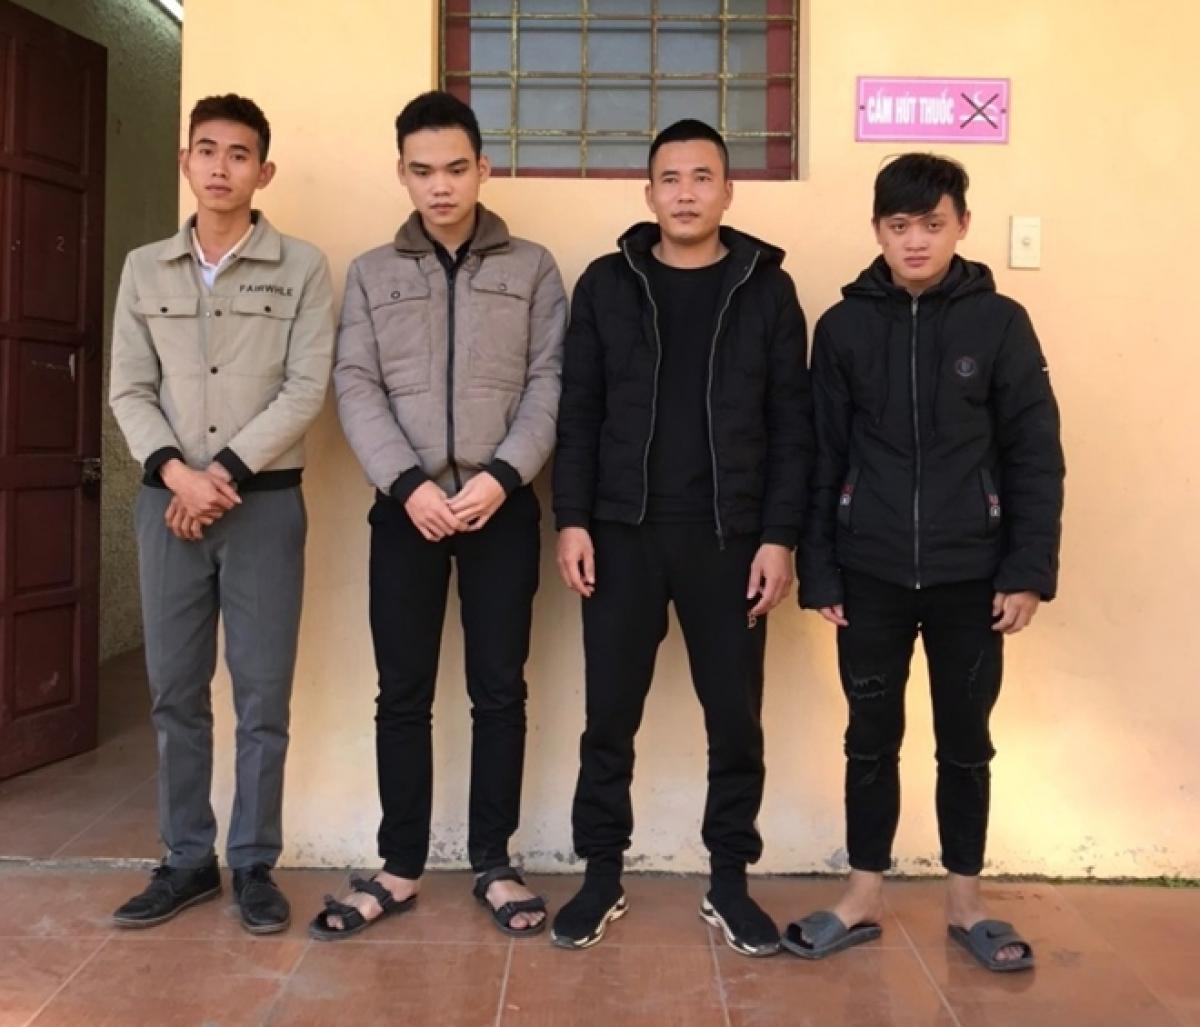 Các đối tượng lừa đảo chiếm đoạt tài sản trên mạng xã hội bị Công an Thị xã Ba Đồn tạm giữ để điều tra, làm rõ.